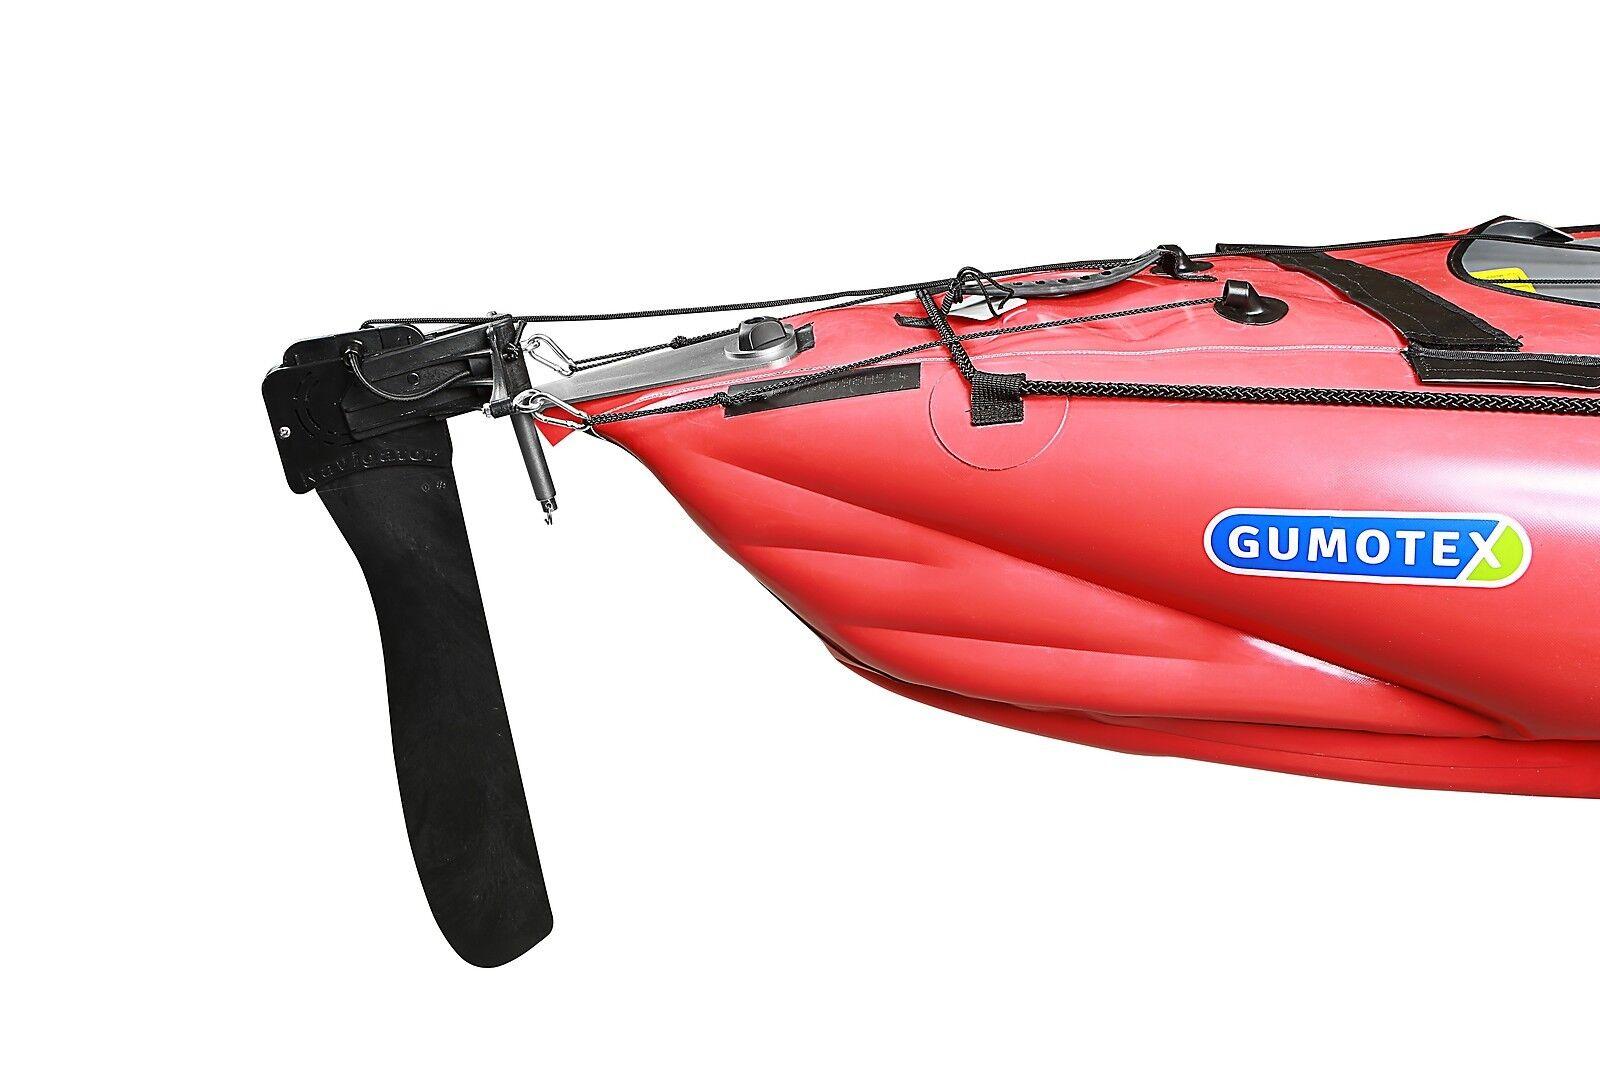 Gumotex Seawave Steueranlage für Gumotex Gumotex für Kajak SchlauchStiefel Luftkajak Seawave 5a7621